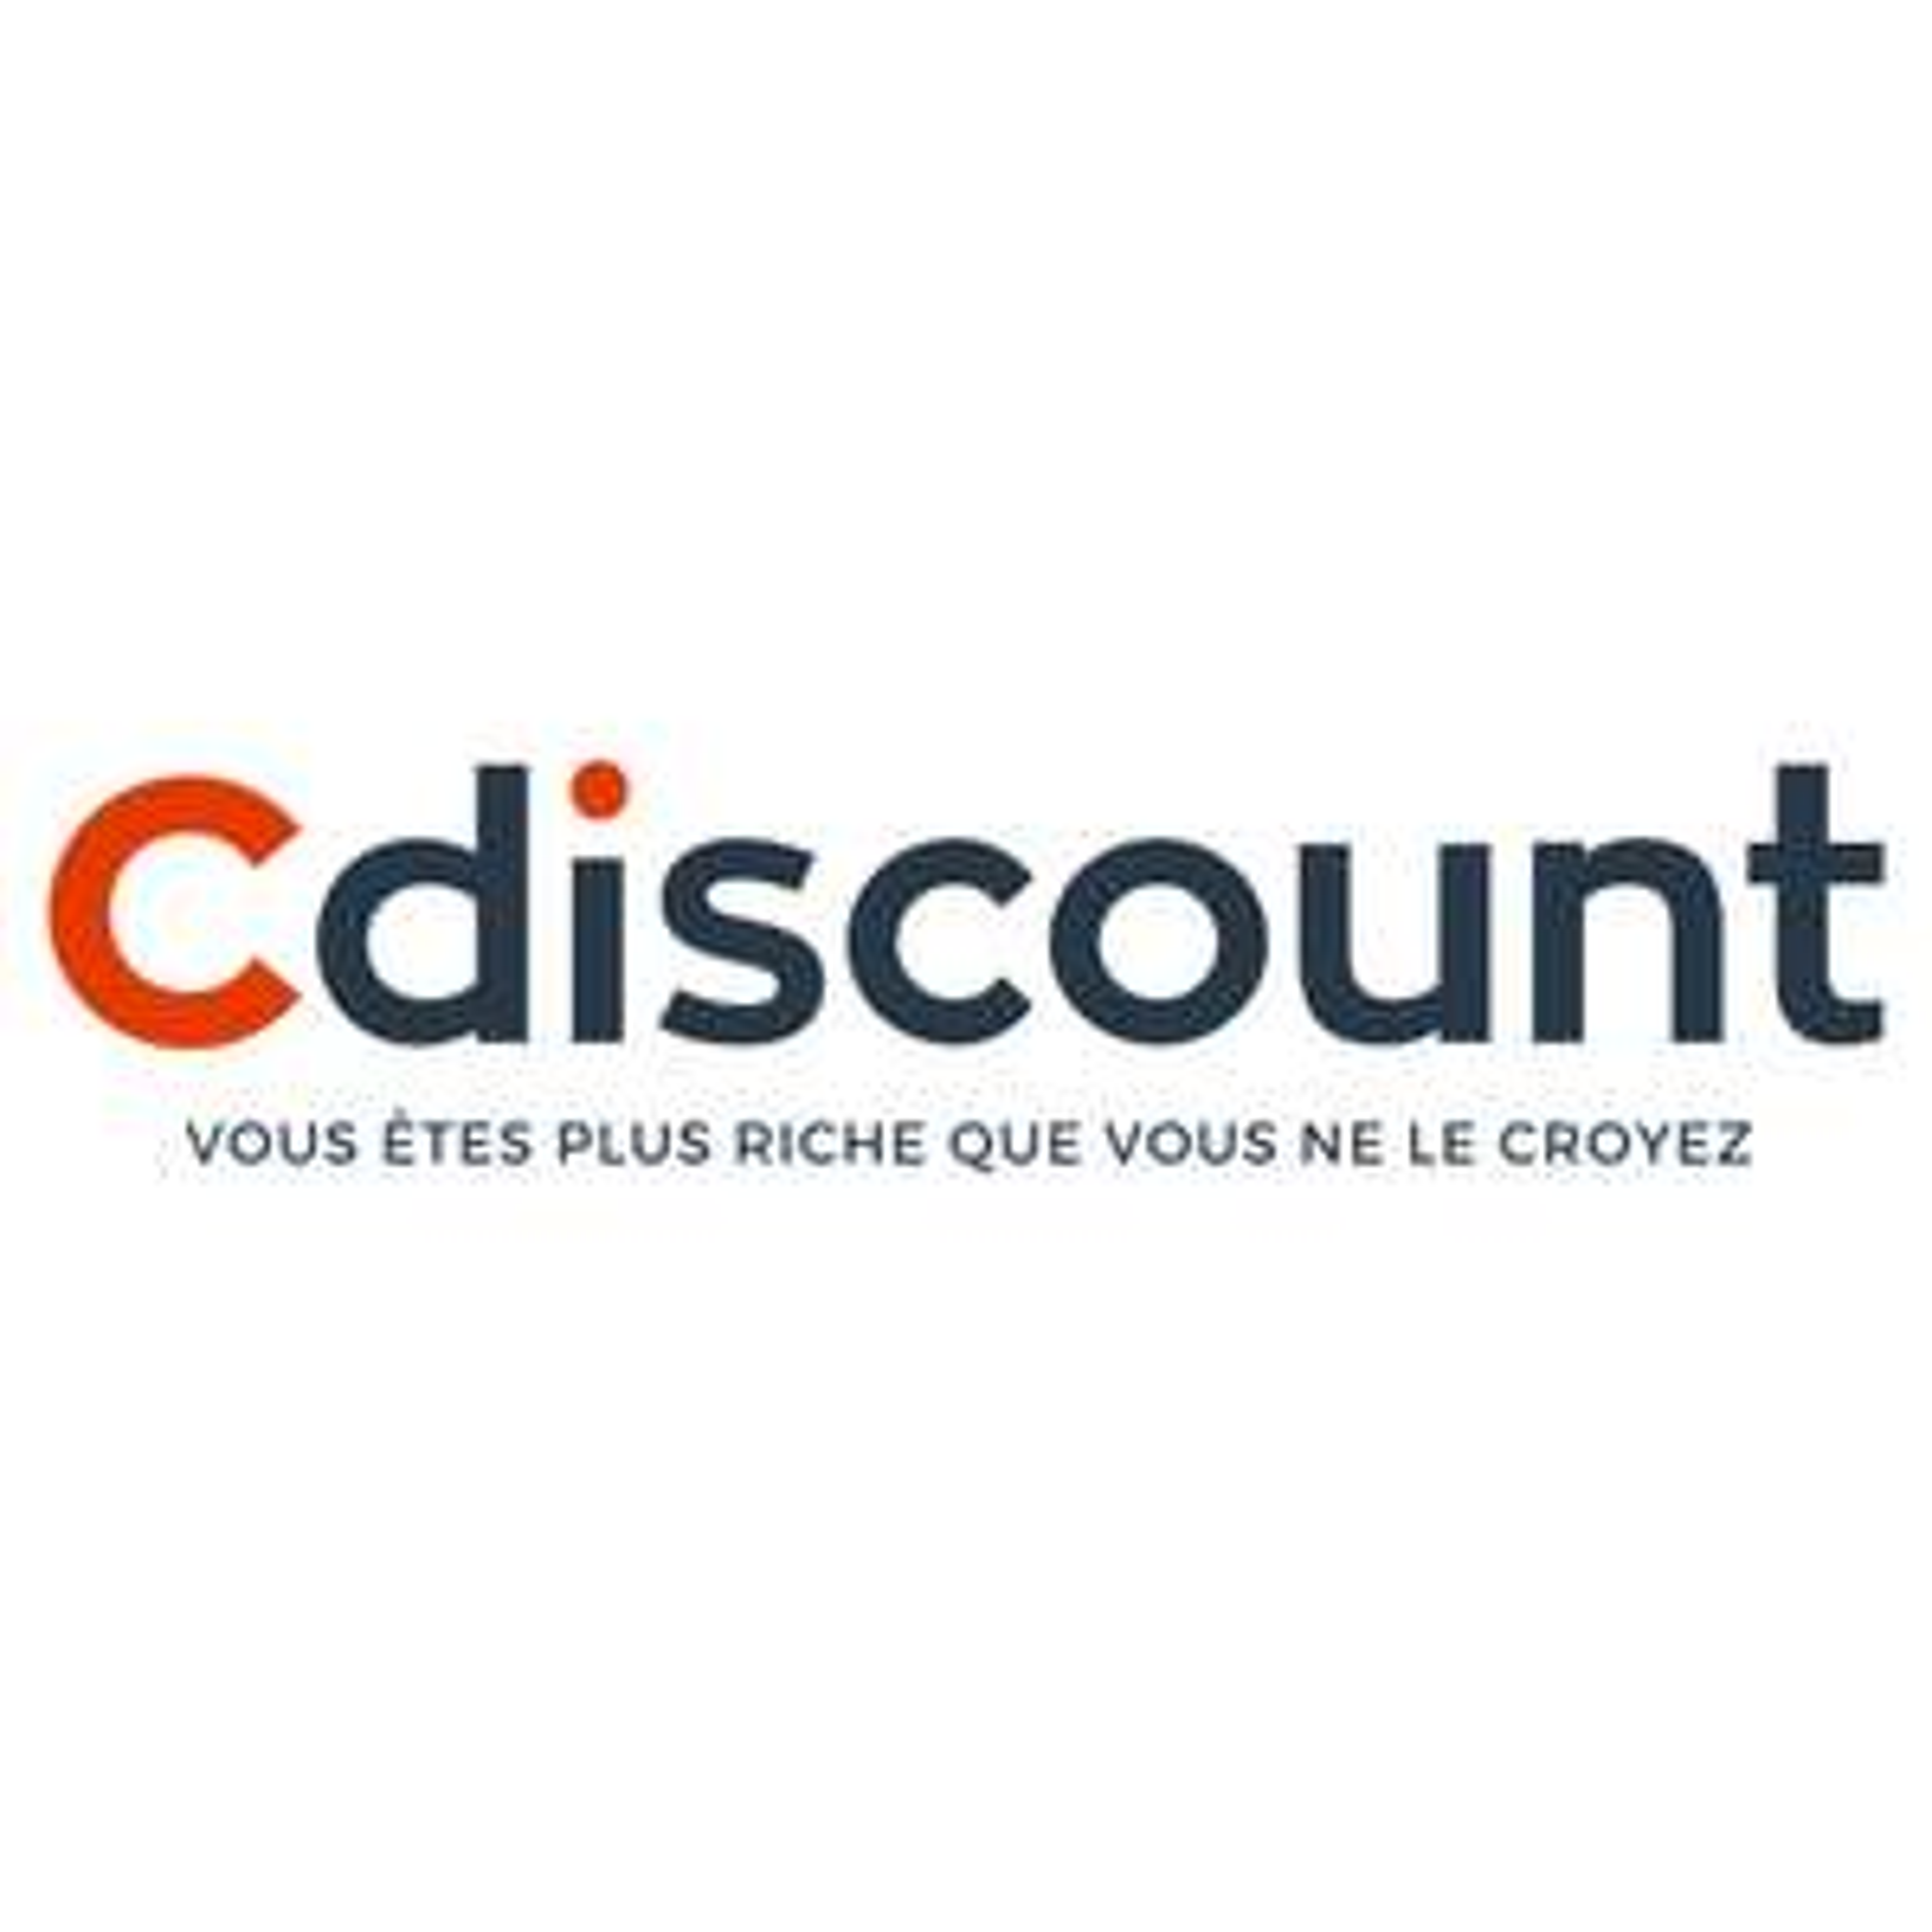 10€ de réduction dès 99€ d'achat, 25€ dès 249€ et 50€ dès 399€ sur tout le site (Marketplace inclus - Hors exceptions)